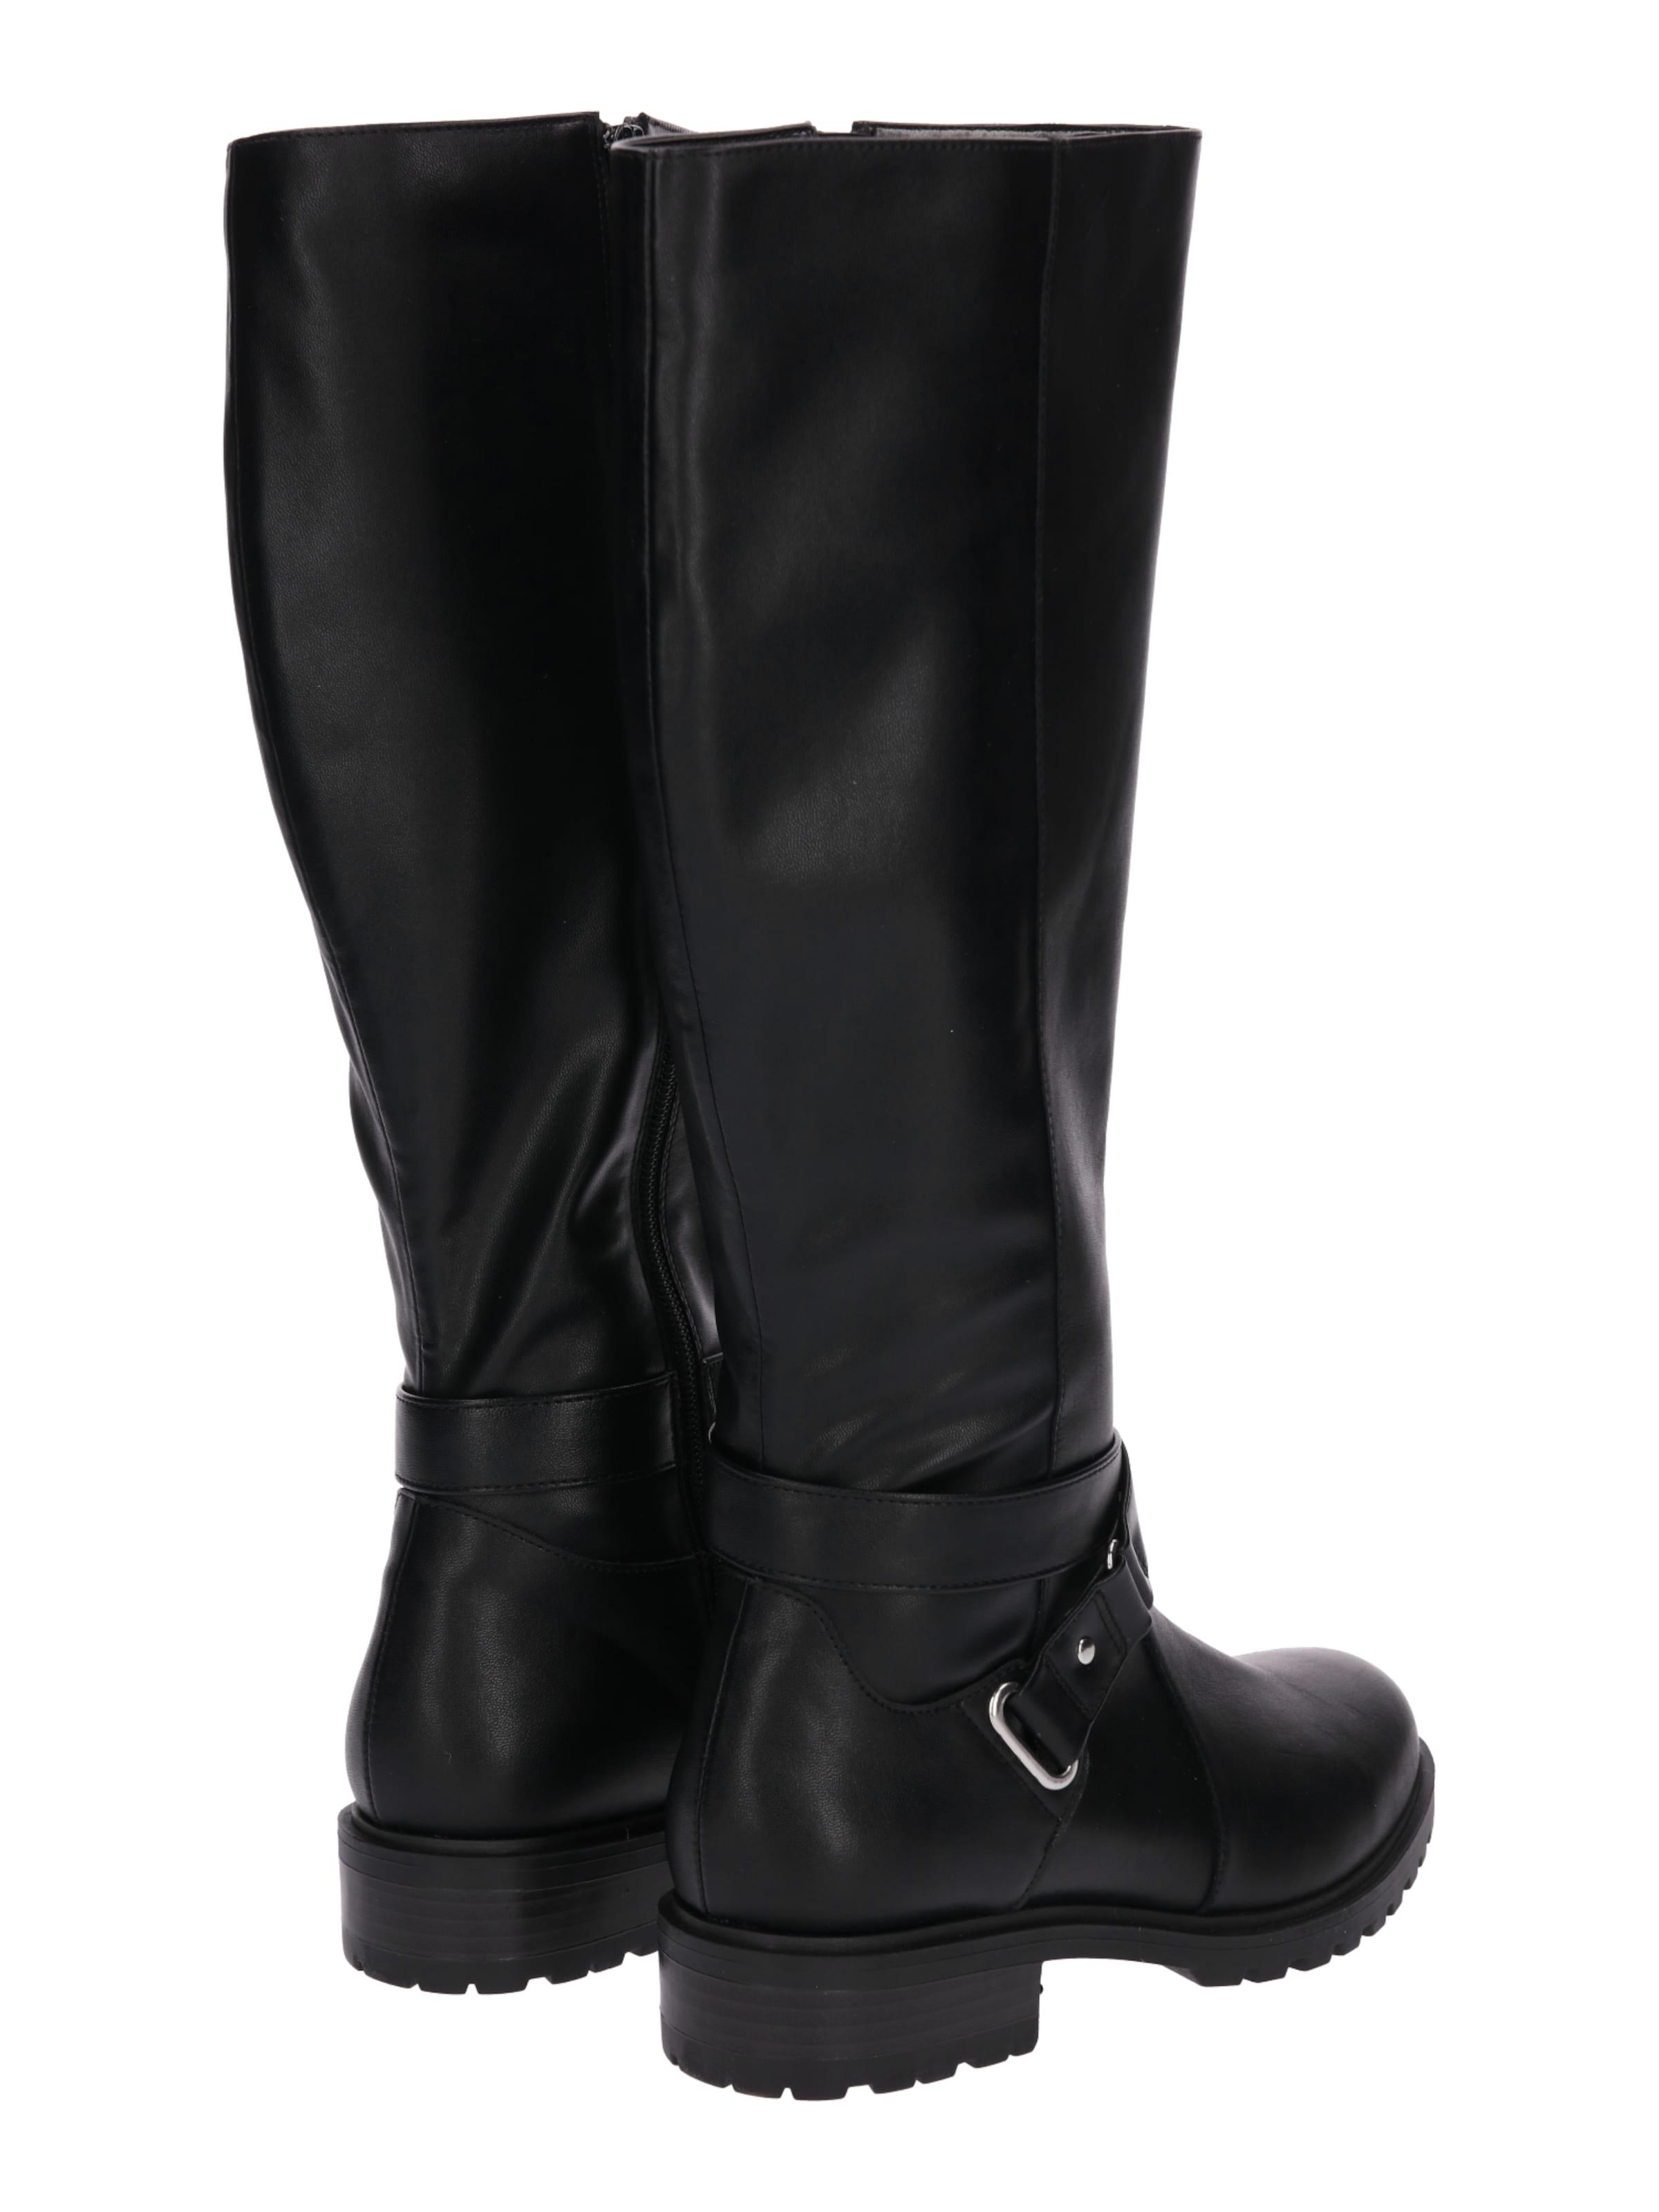 ABOUT YOU Stiefel 'Amira Leder Bequem, gut aussehend aussehend aussehend 99bbd1